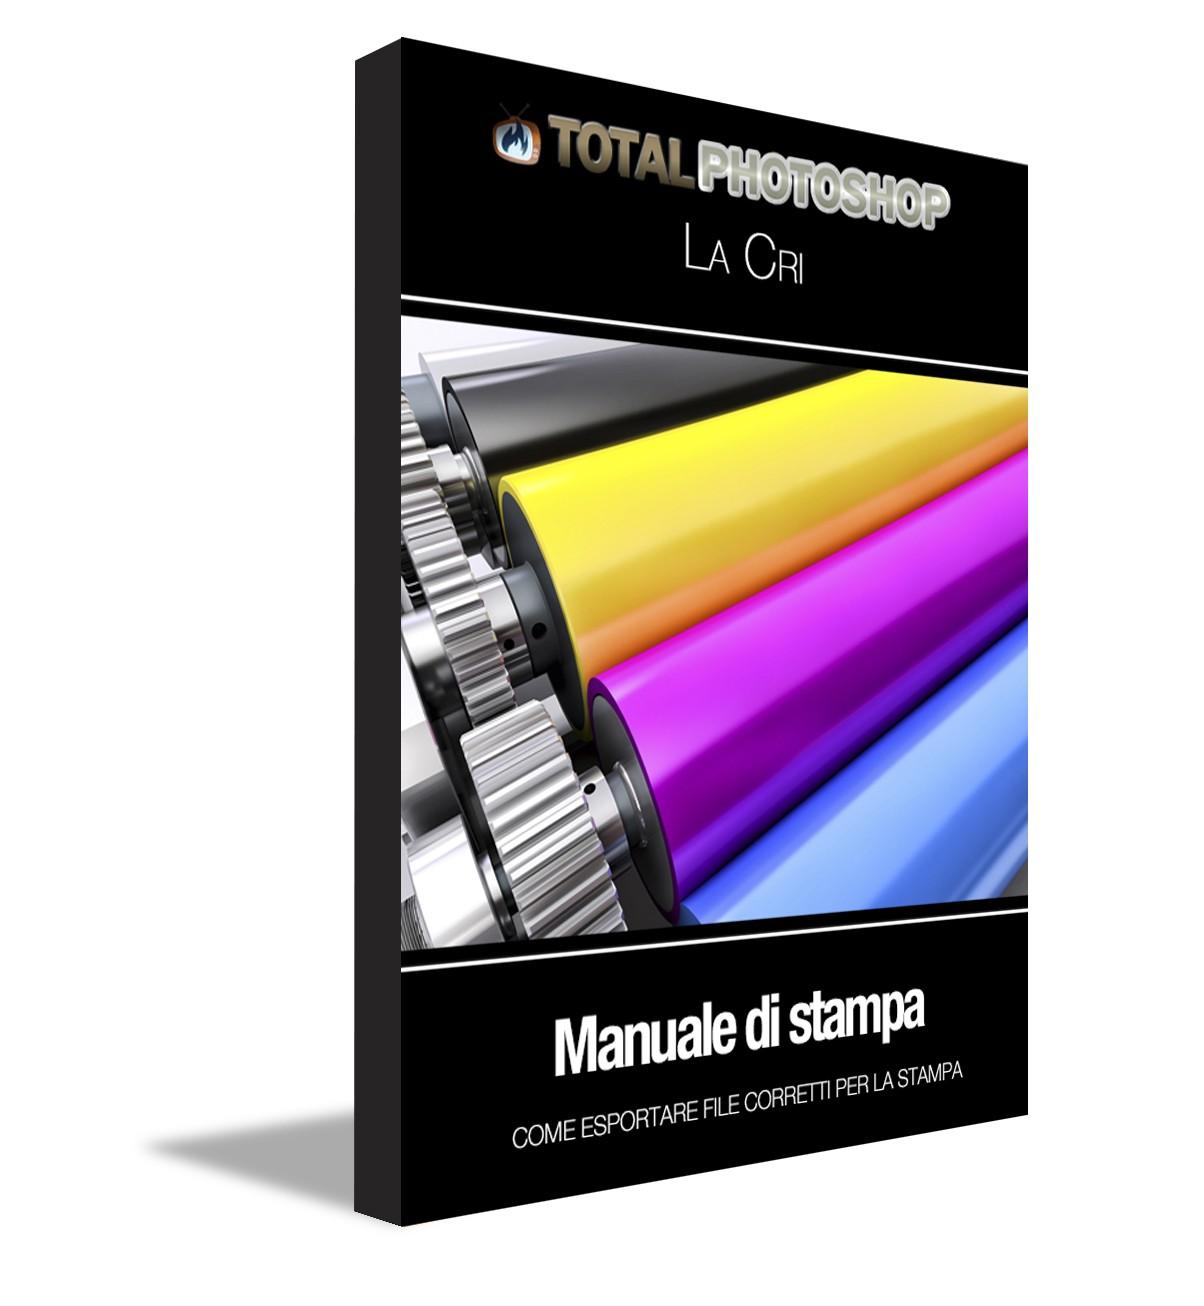 Il manuale di stampa